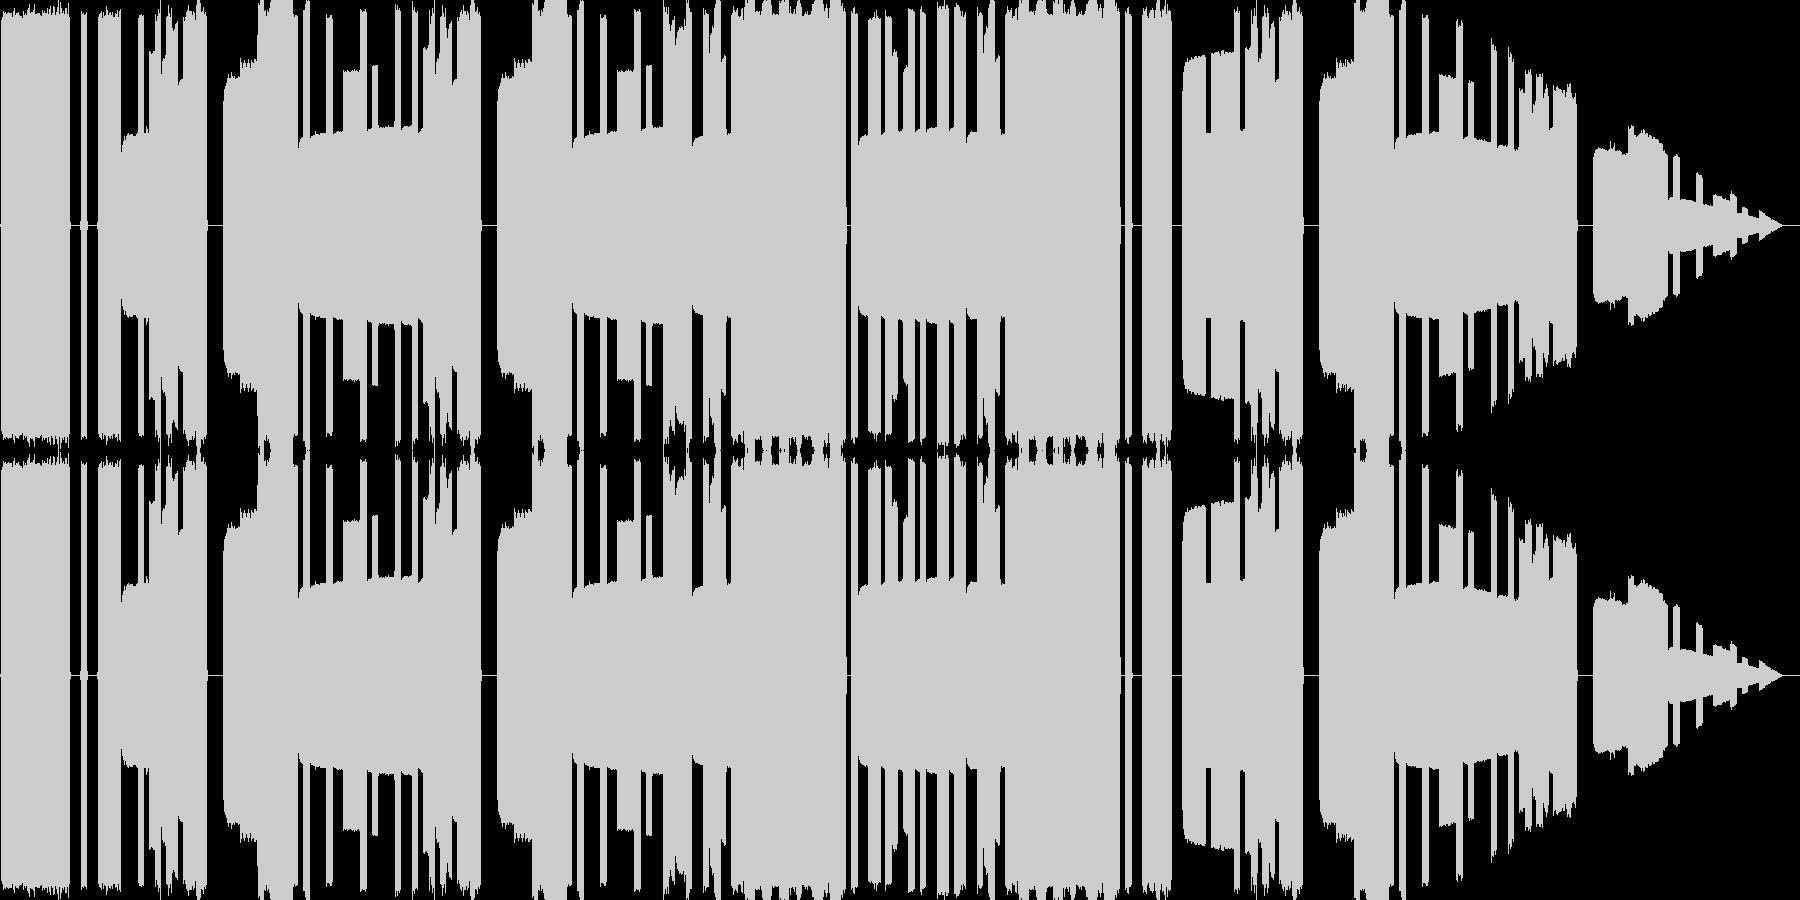 ピコピコ音源の陽気なループ曲の未再生の波形